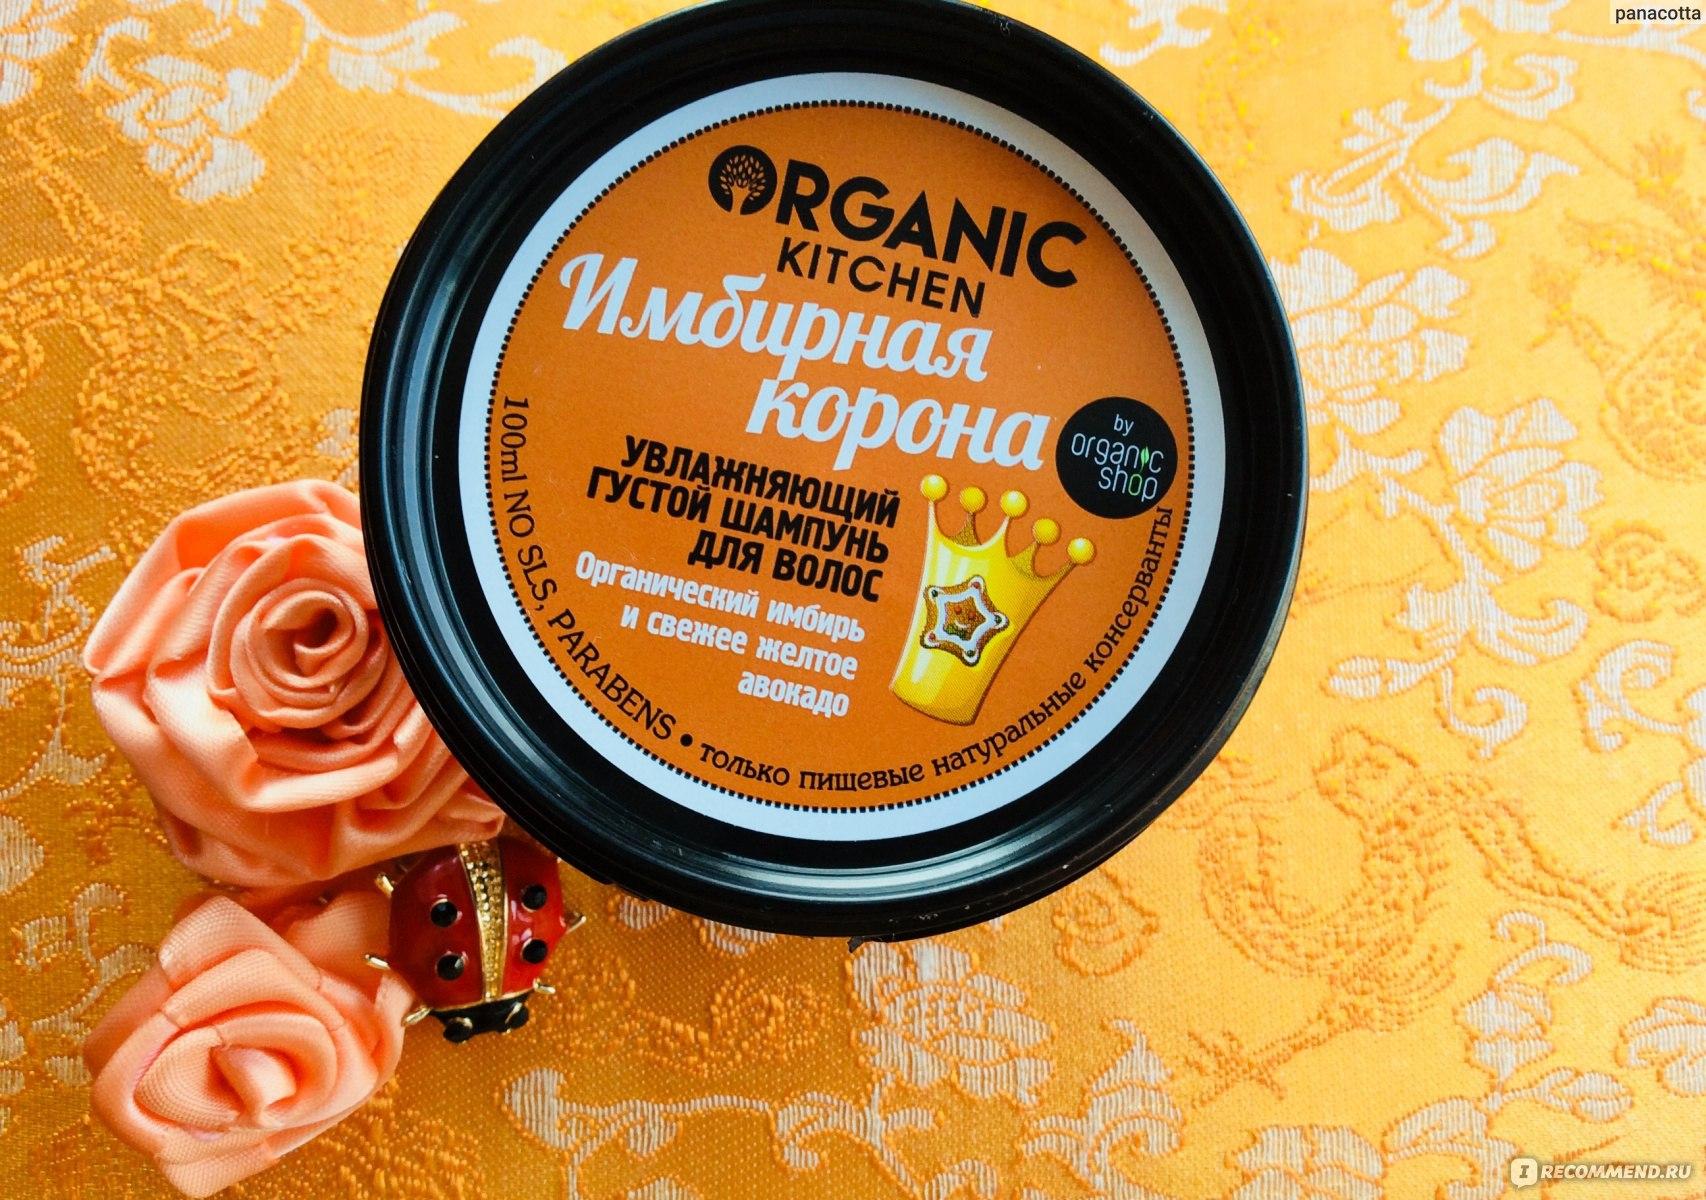 Органик косметика купить оптом губная помада avon леди